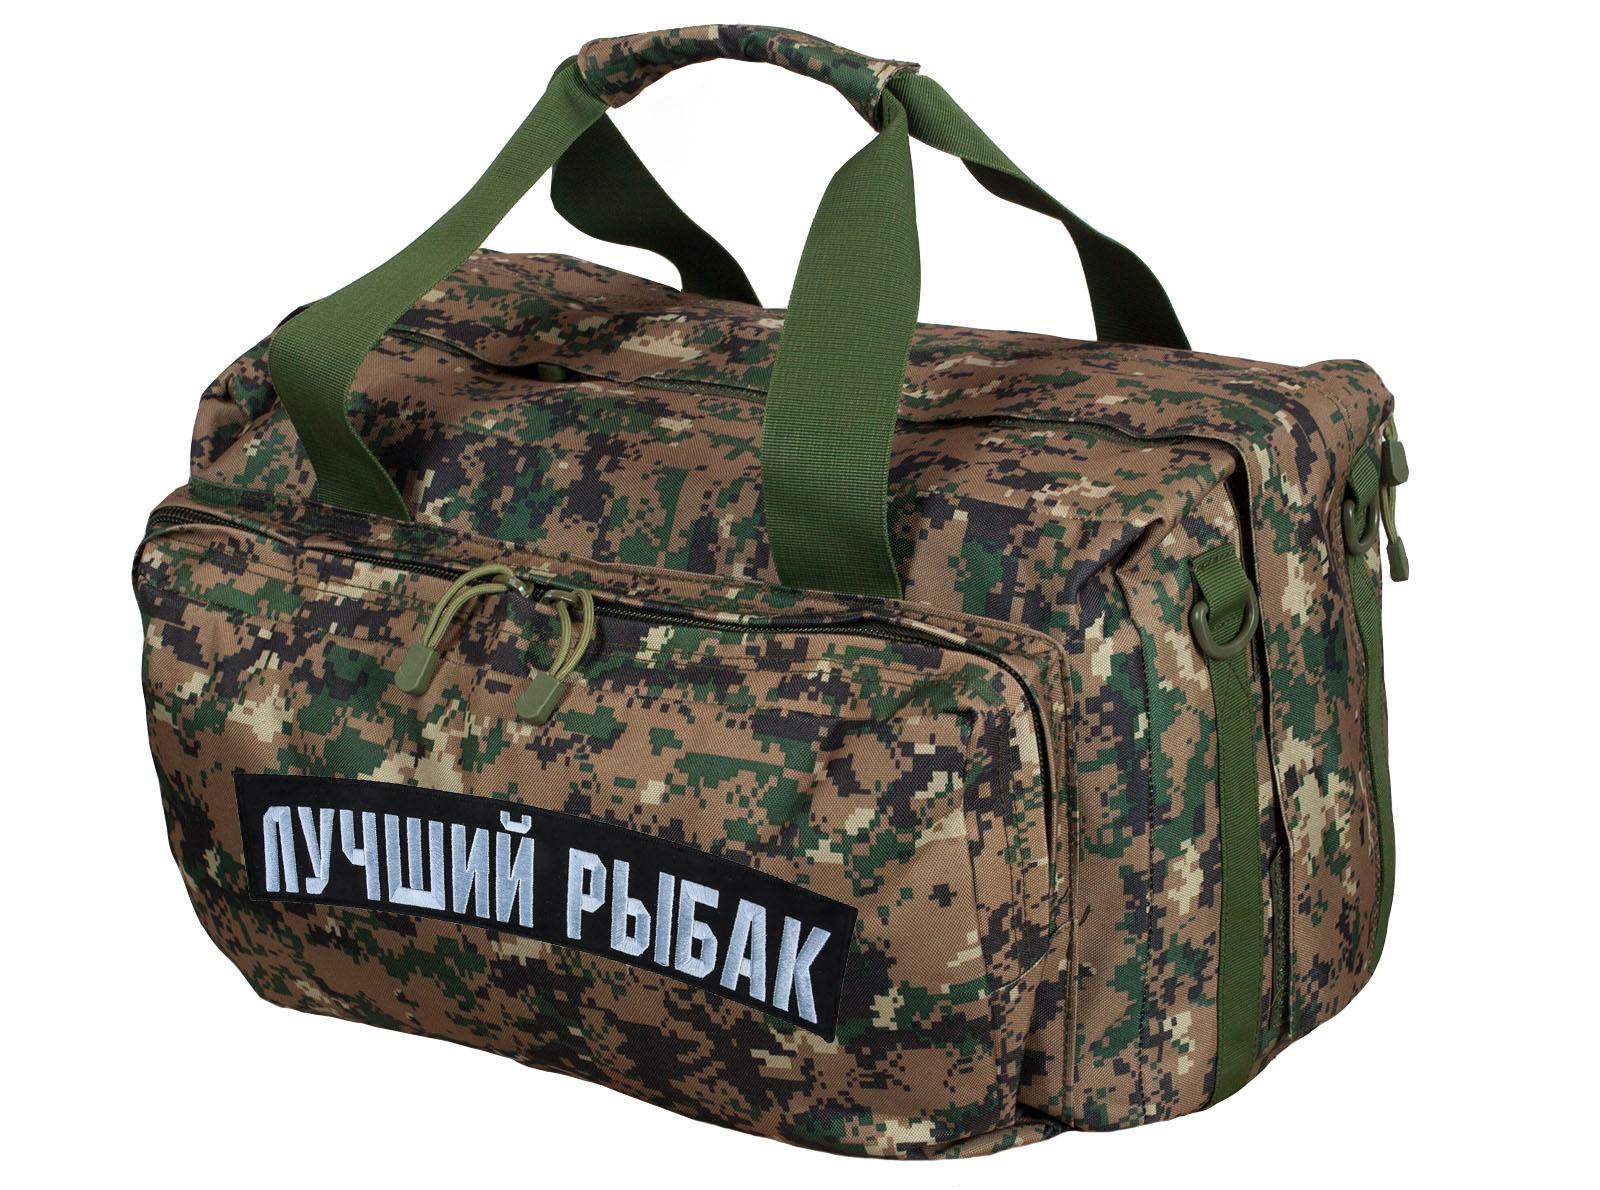 Армейская дорожная сумка с нашивкой Лучший Рыбак - купить оптом